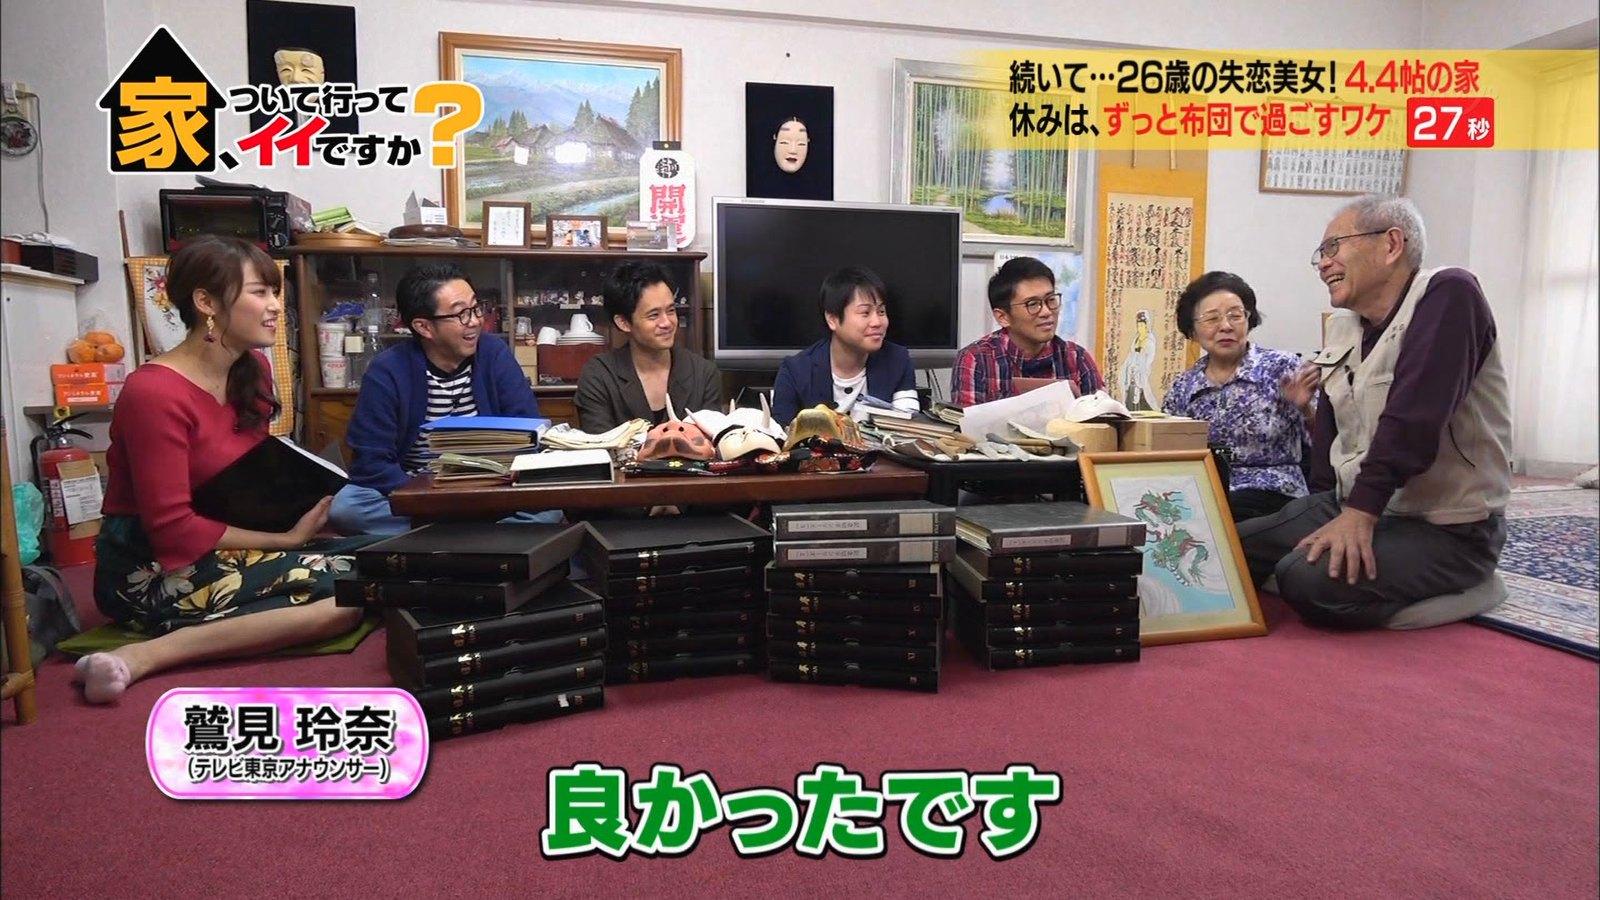 2018年11月28日テレビ東京「家、ついて行ってイイですか?」鷲見玲奈さんのテレビキャプチャー画像-005